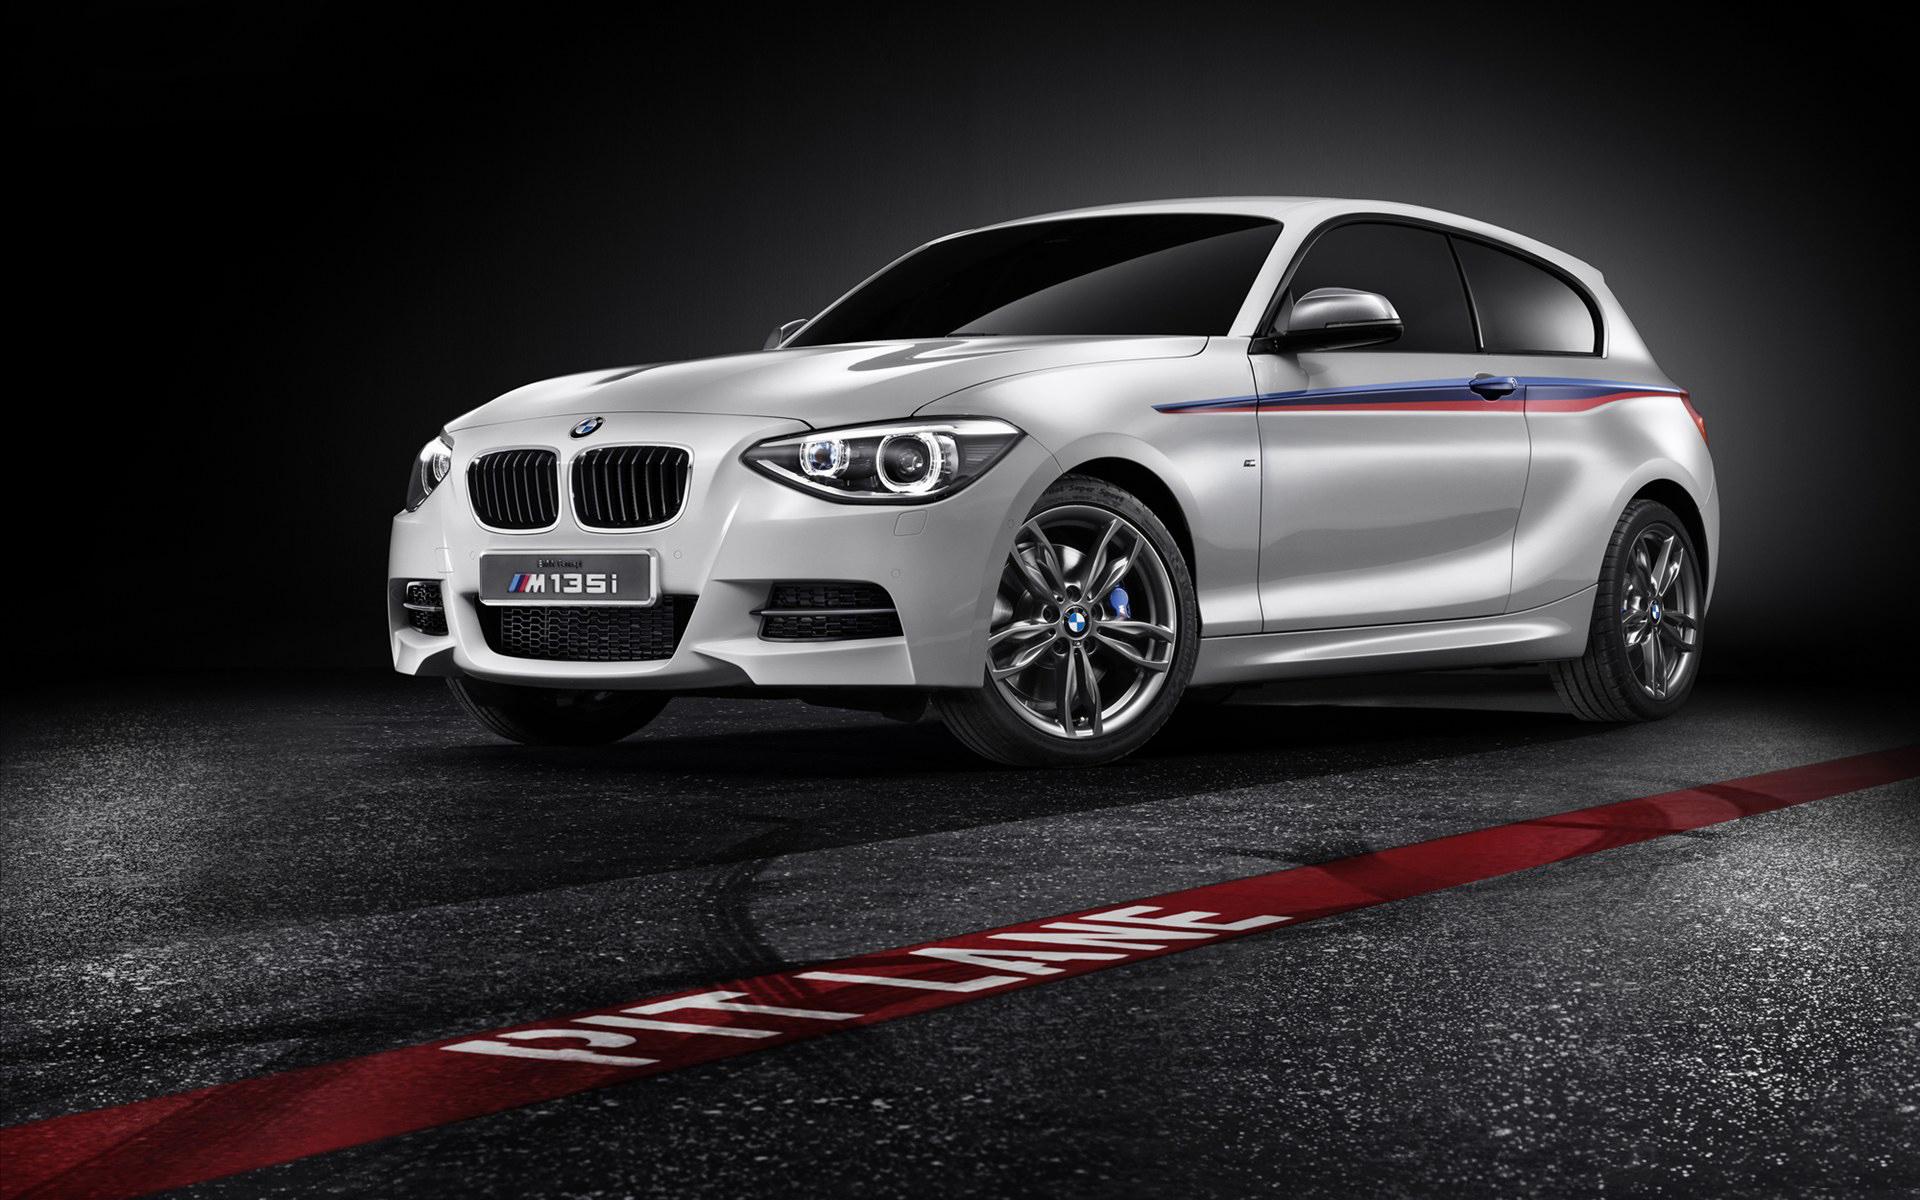 BMW M135i Concept 2012 Wallpaper HD Car Wallpapers ID 2557 1920x1200